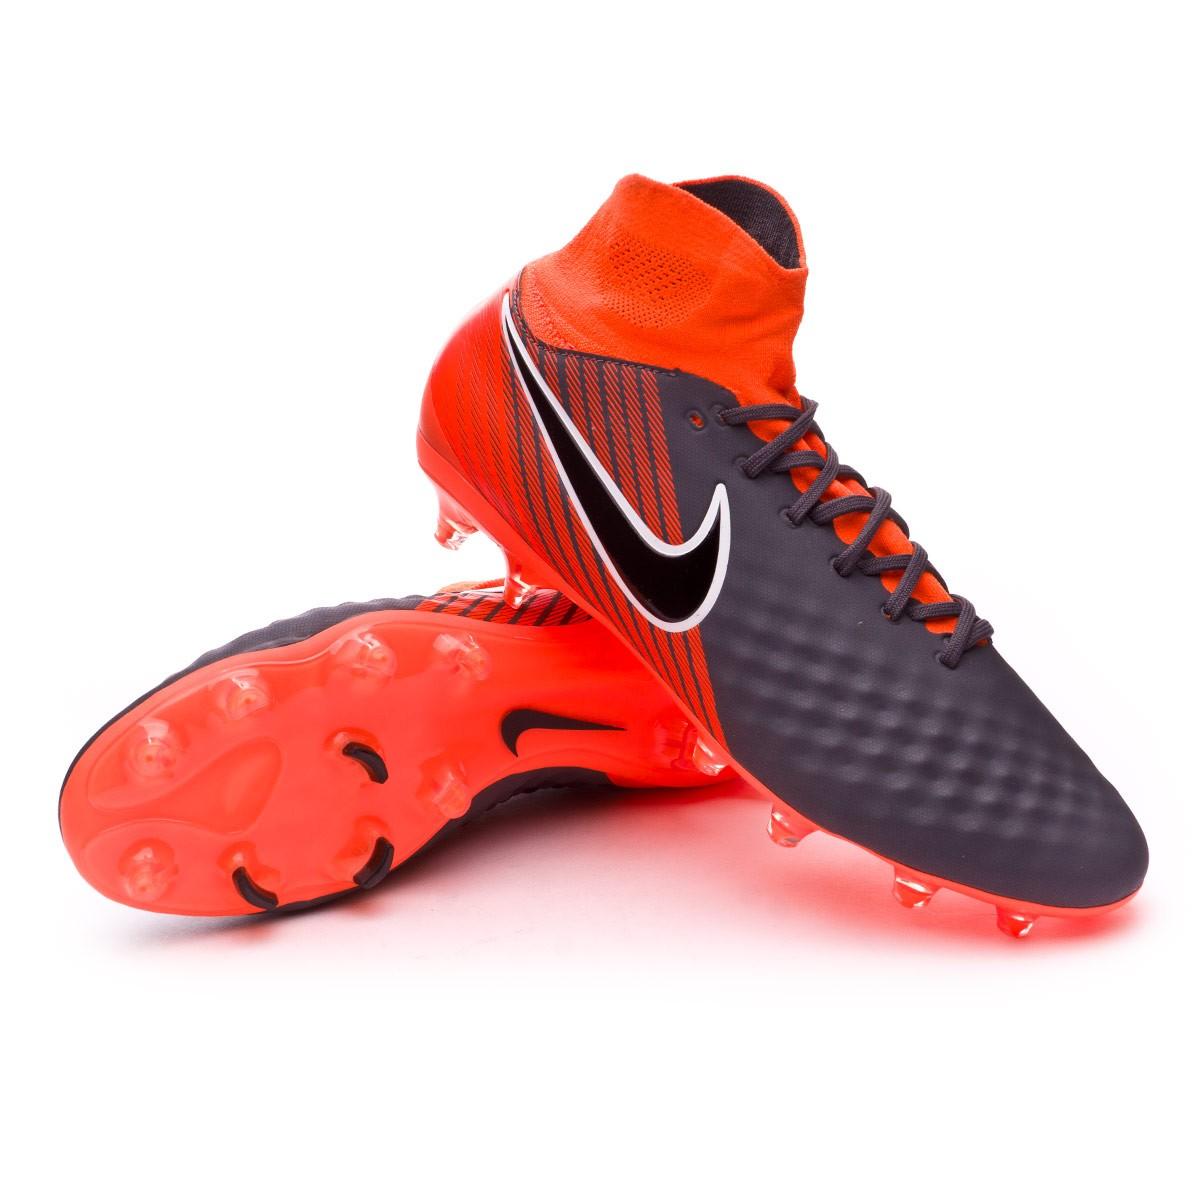 7d690 Obra Coupon 33a17 Magista Code Nike Naranjas XHHwS1Tn